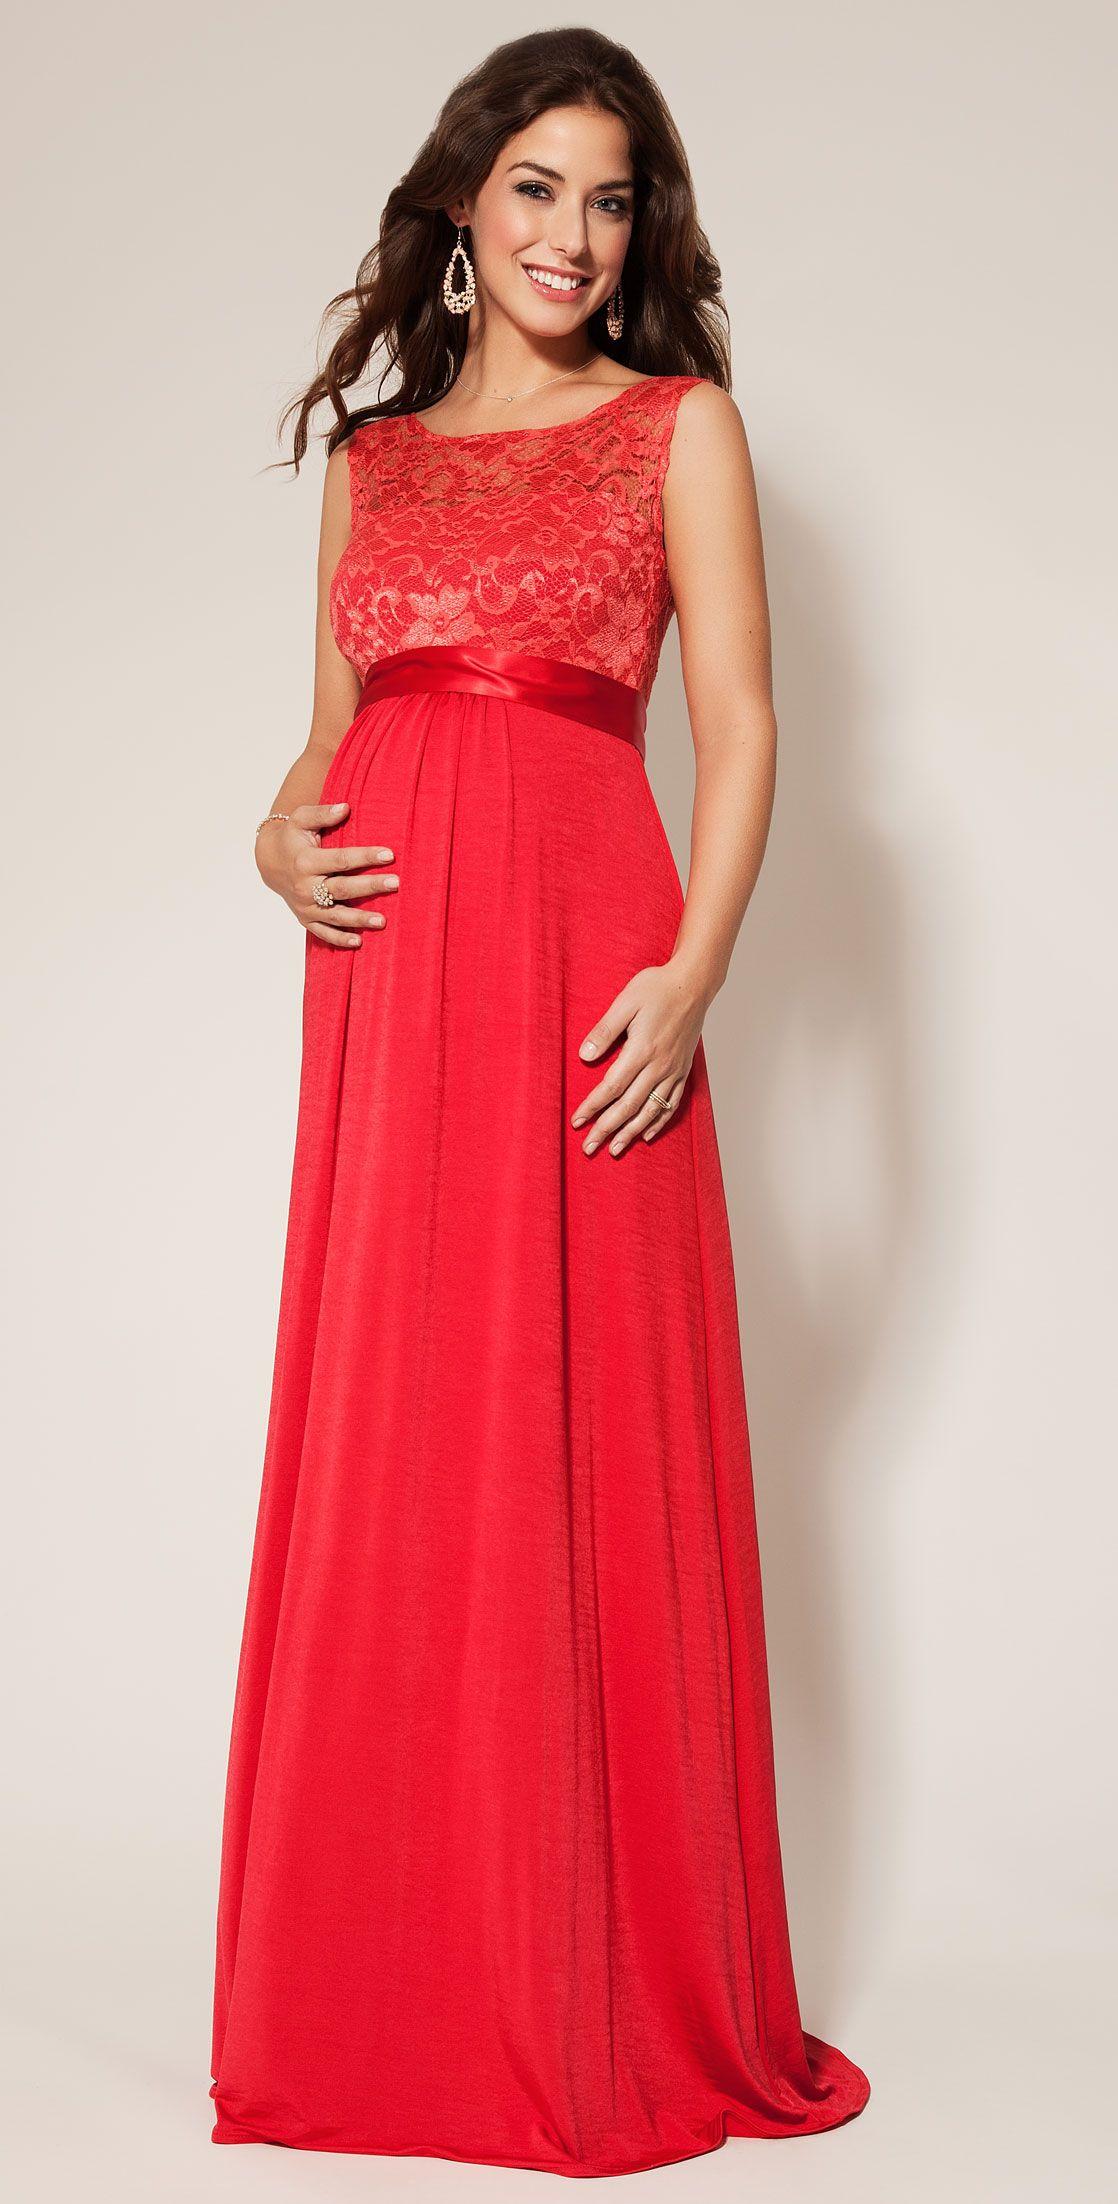 maternity dresses for weddings Maternity dresses